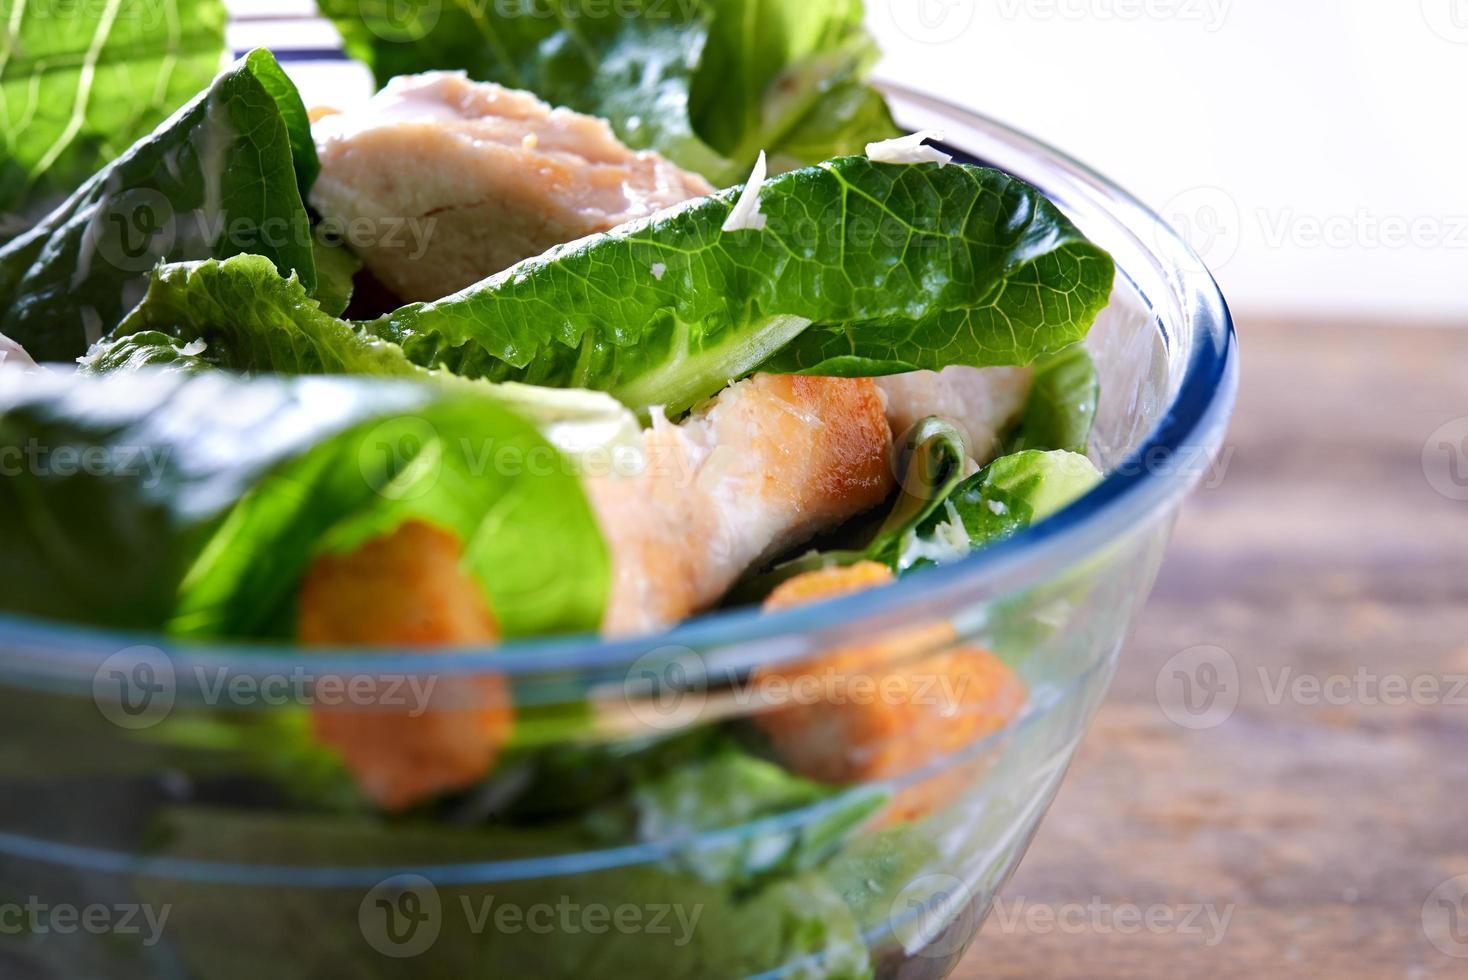 salade ceaser photo